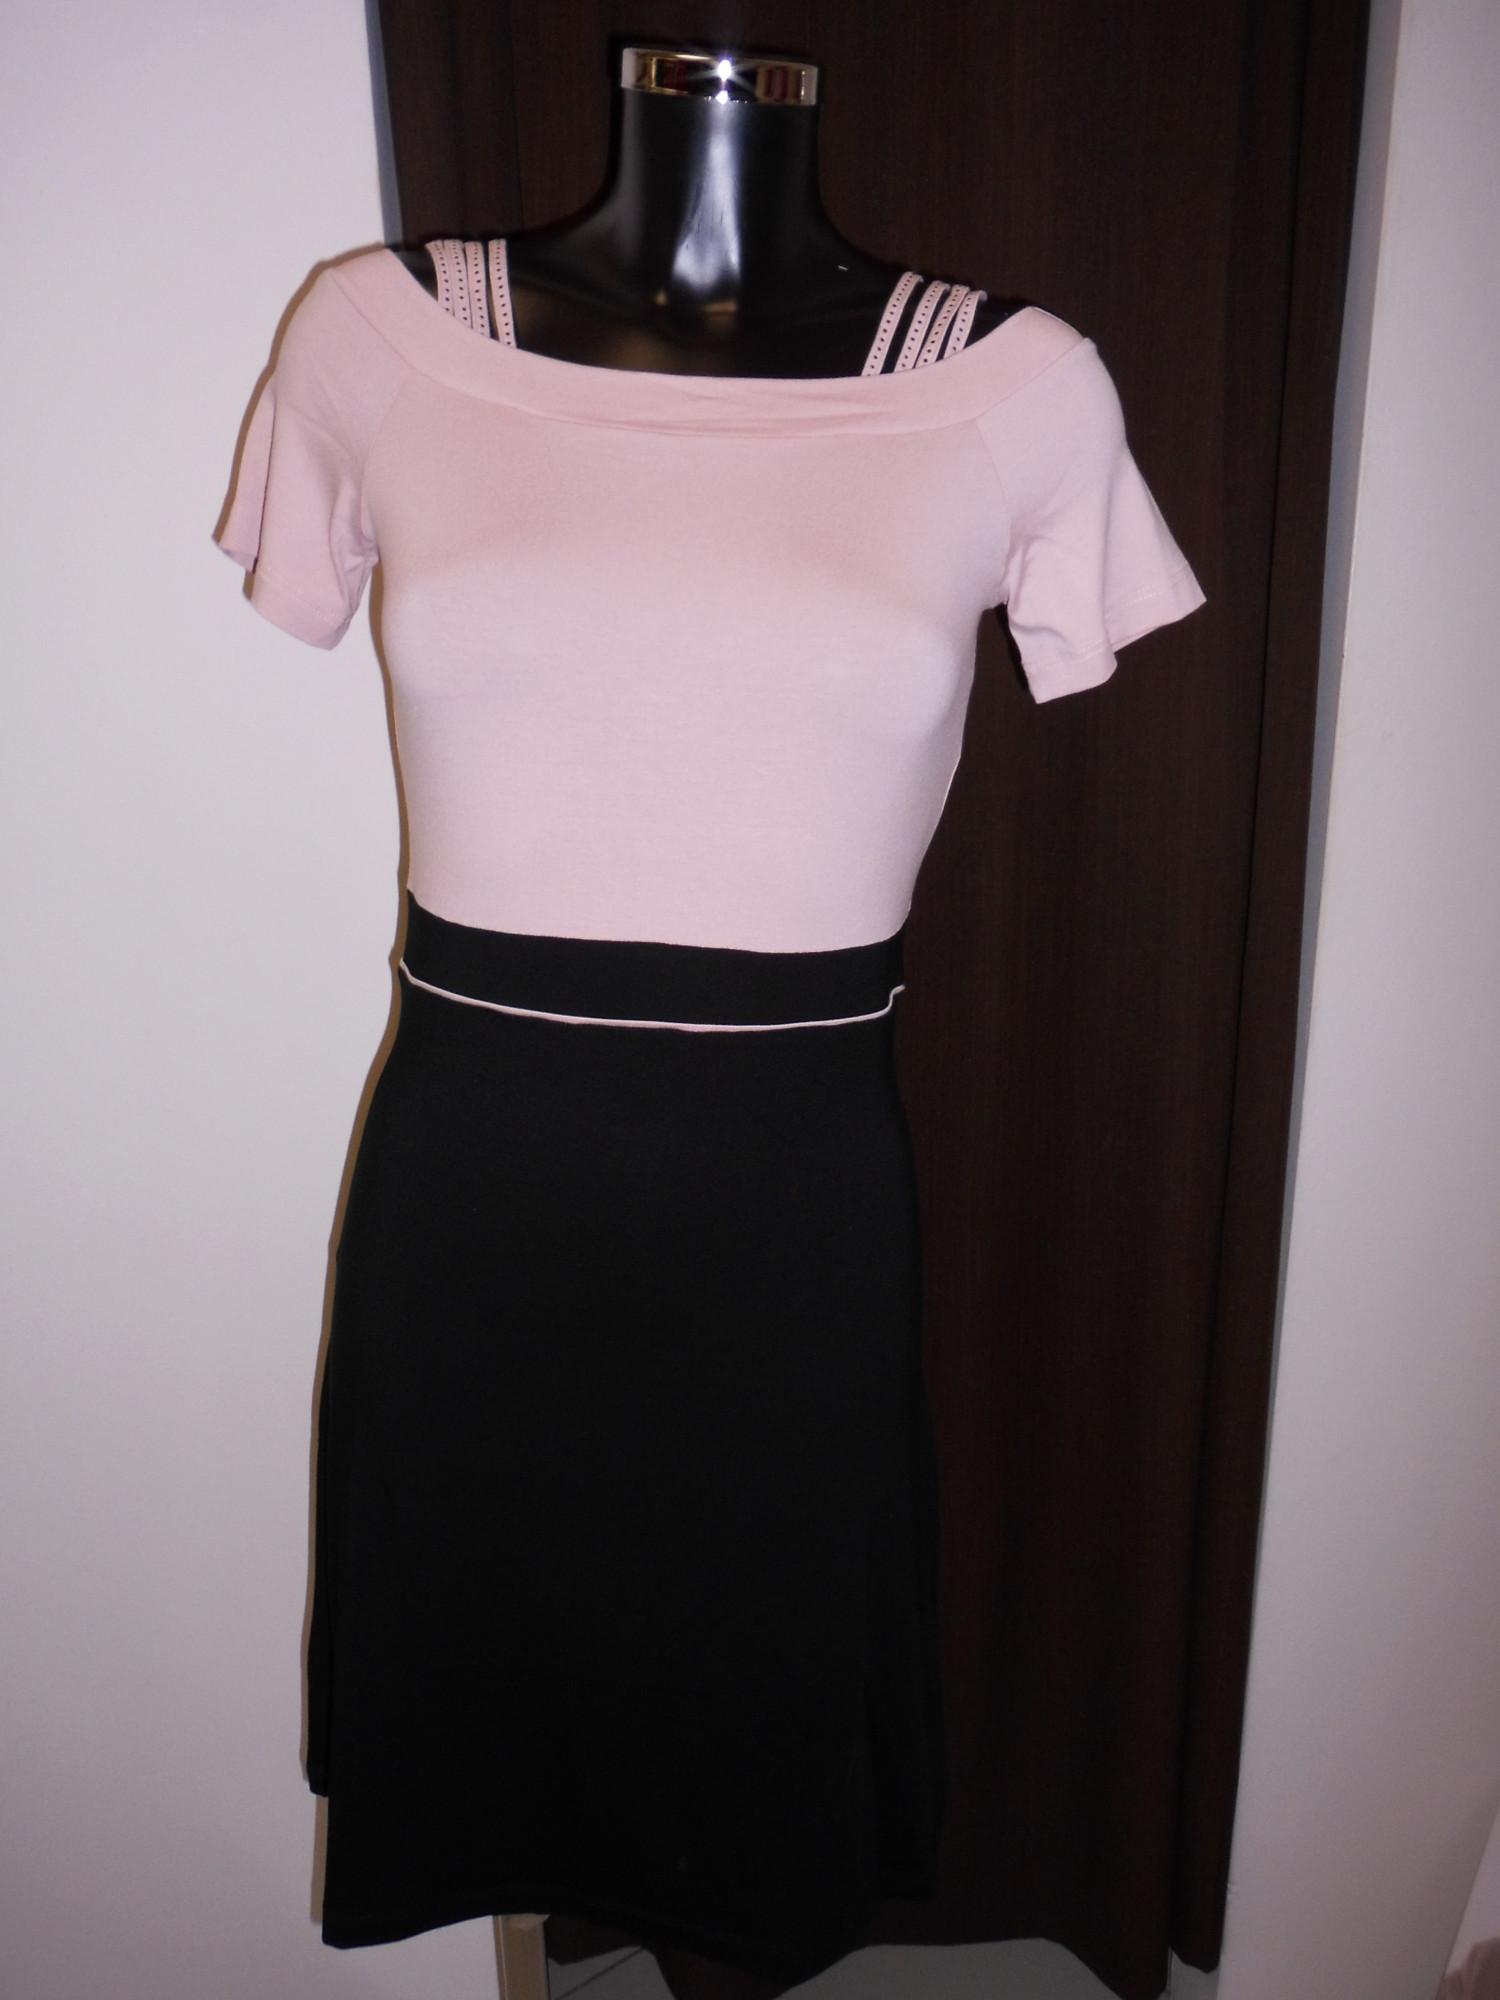 Dámské šaty Alania šat KR 0532J SW - Favab Barva: černo-růžová, Velikost: L